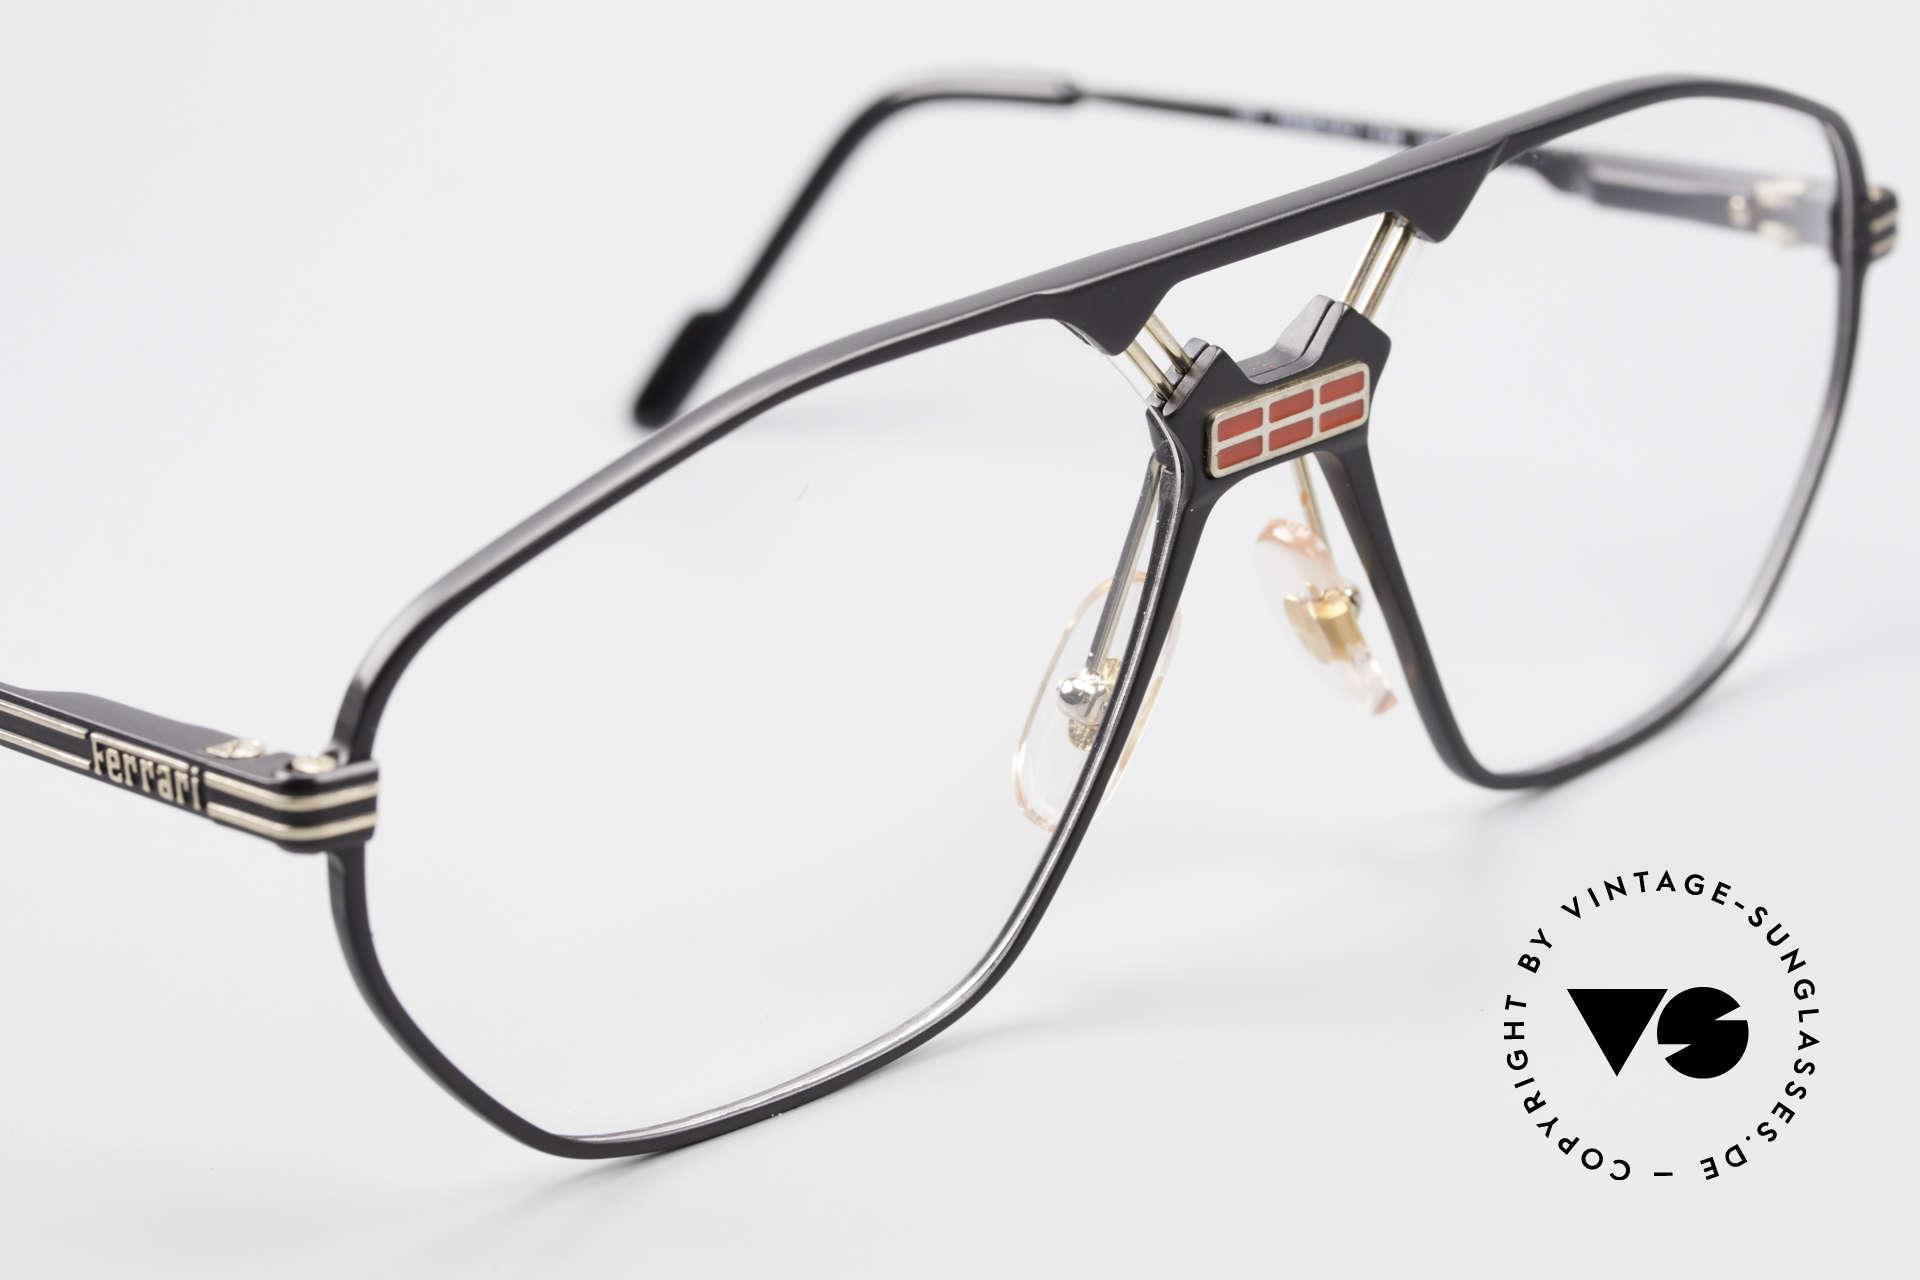 Ferrari F22 Men's Rare Vintage Glasses 90s, NO RETRO fashion; a unique classic of the early 90's, Made for Men